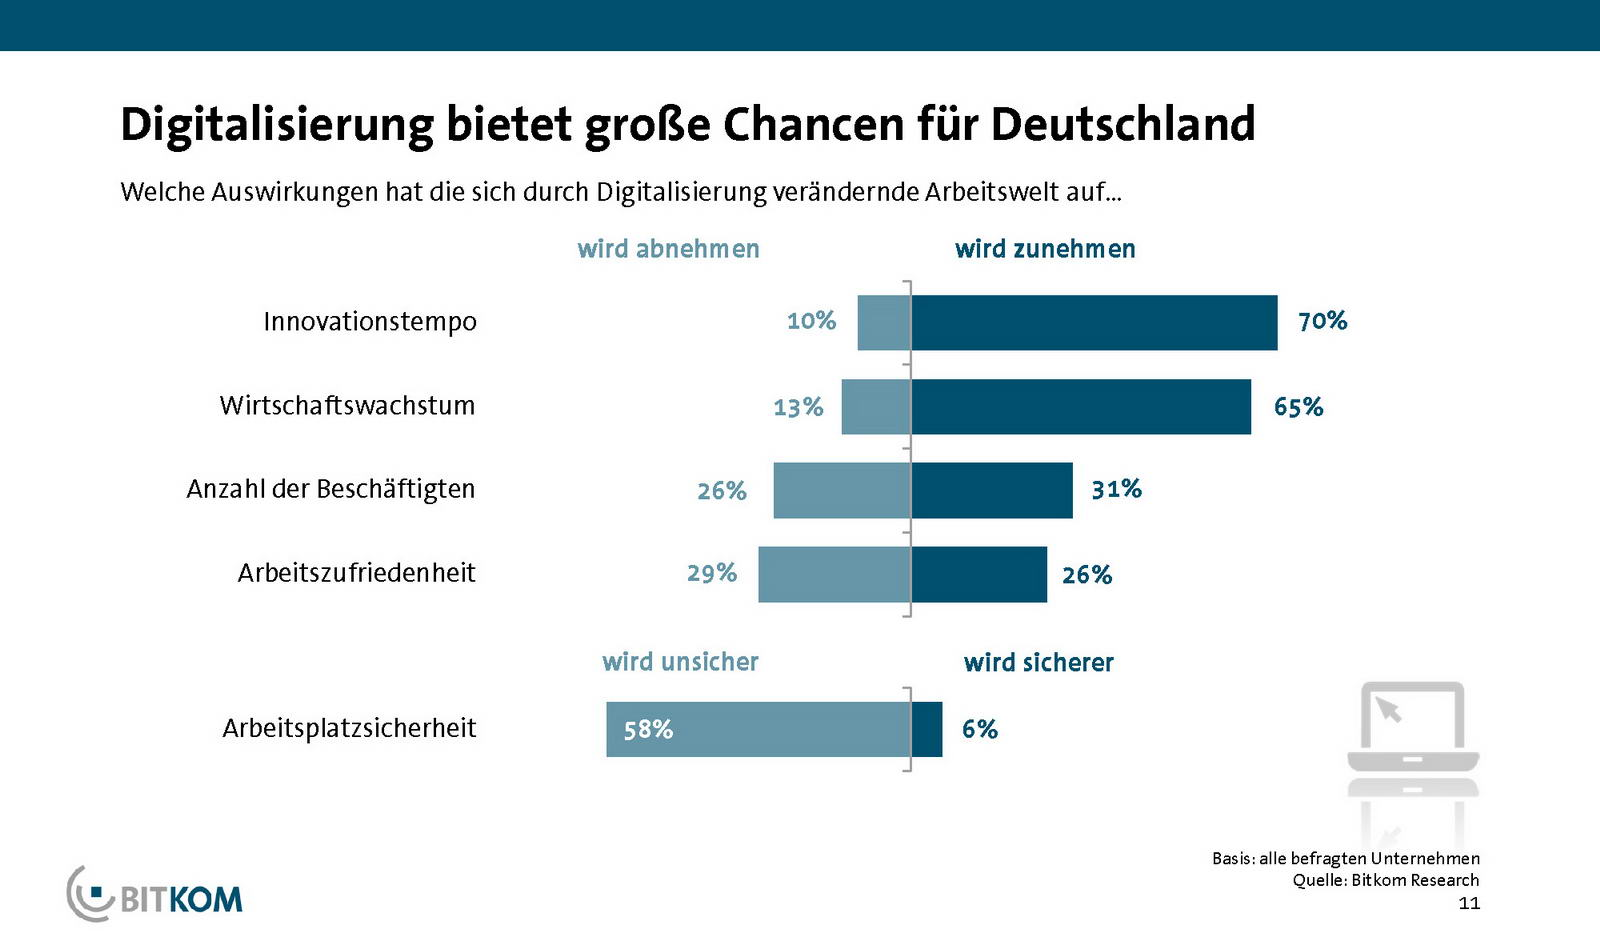 Digitalisierung: Home Office gewinnt an Bedeutung - Notebookcheck.com News